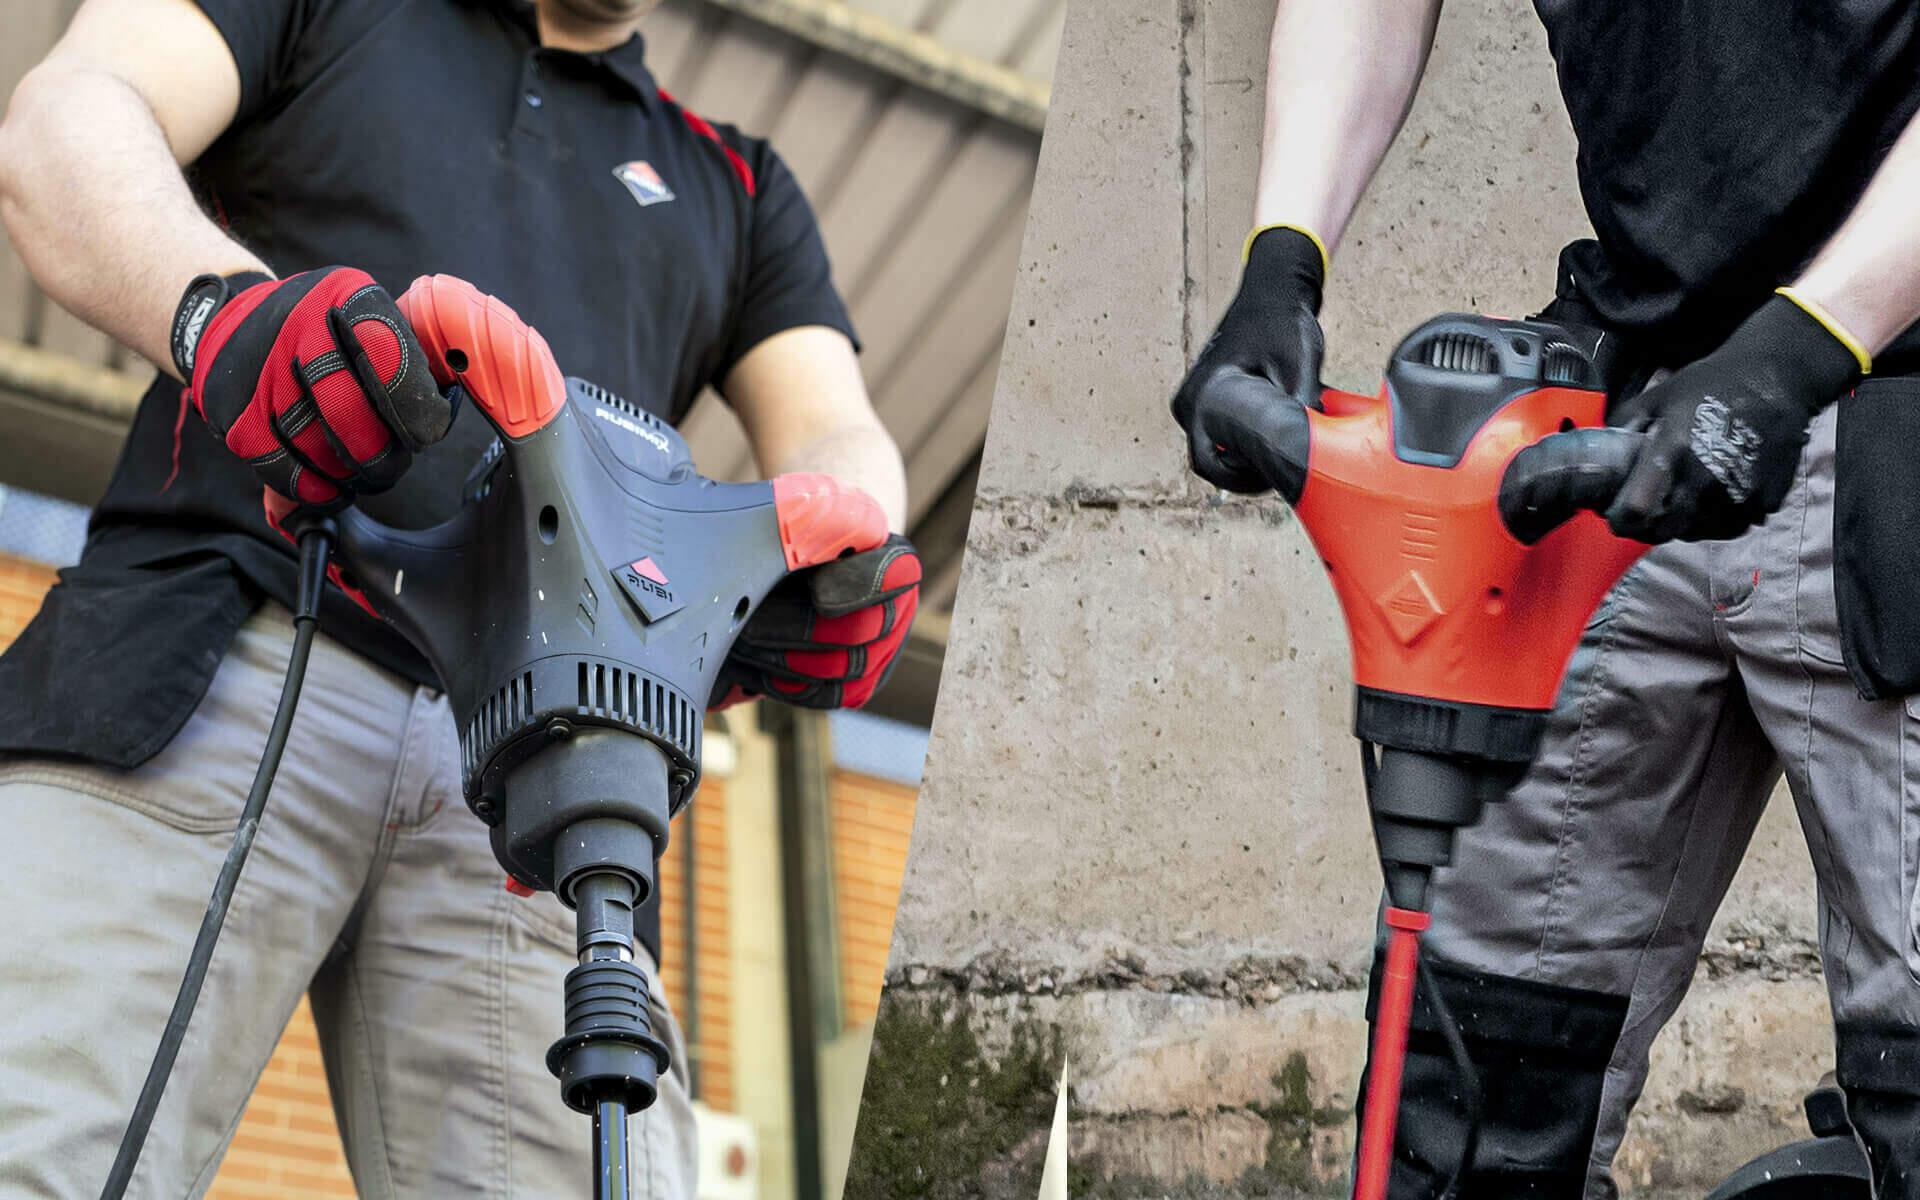 De twee nieuwste mixers van RUBI: de RUBIMIX-9 SUPERTORQUE en de RUBIMIX-9 POWER MAX.